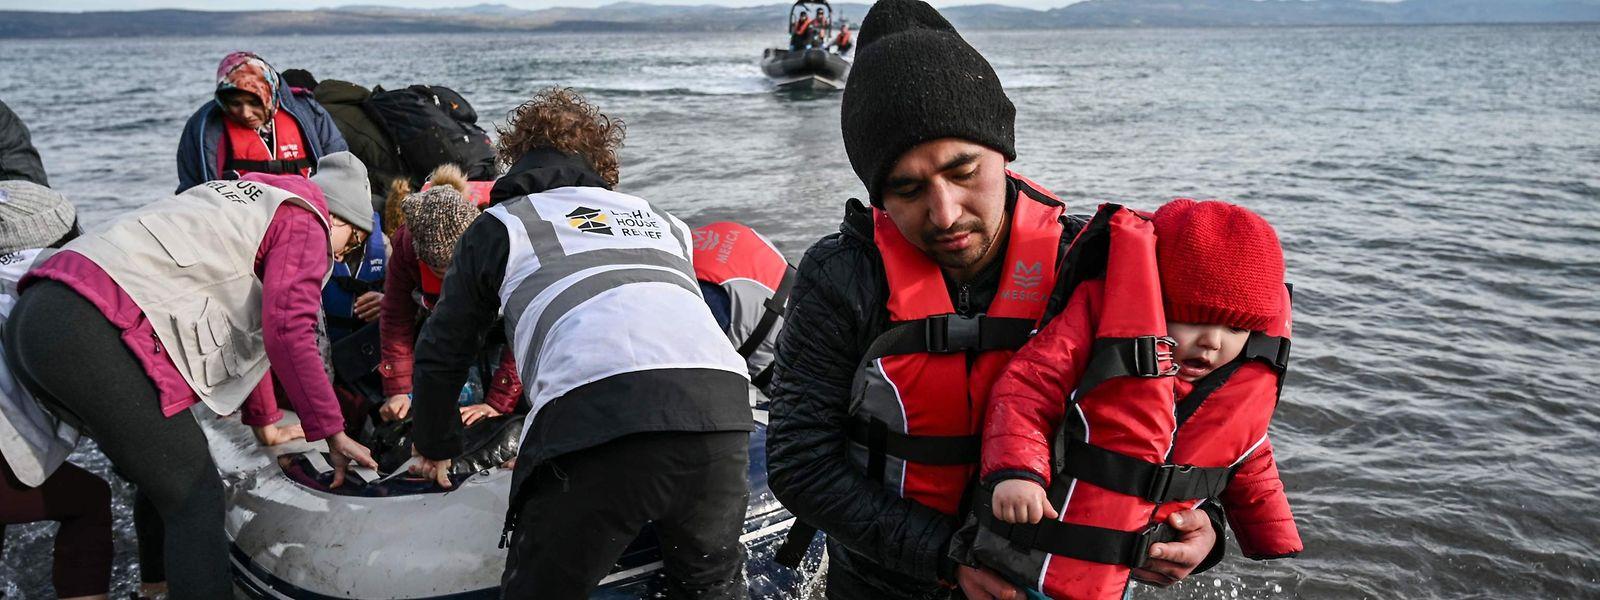 15 afghanische Flüchtlinge sind am Freitag auf Lesbos angekommen, nachdem sie zuvor die Türkei mit einem Schlauchboot verlassen hatten.